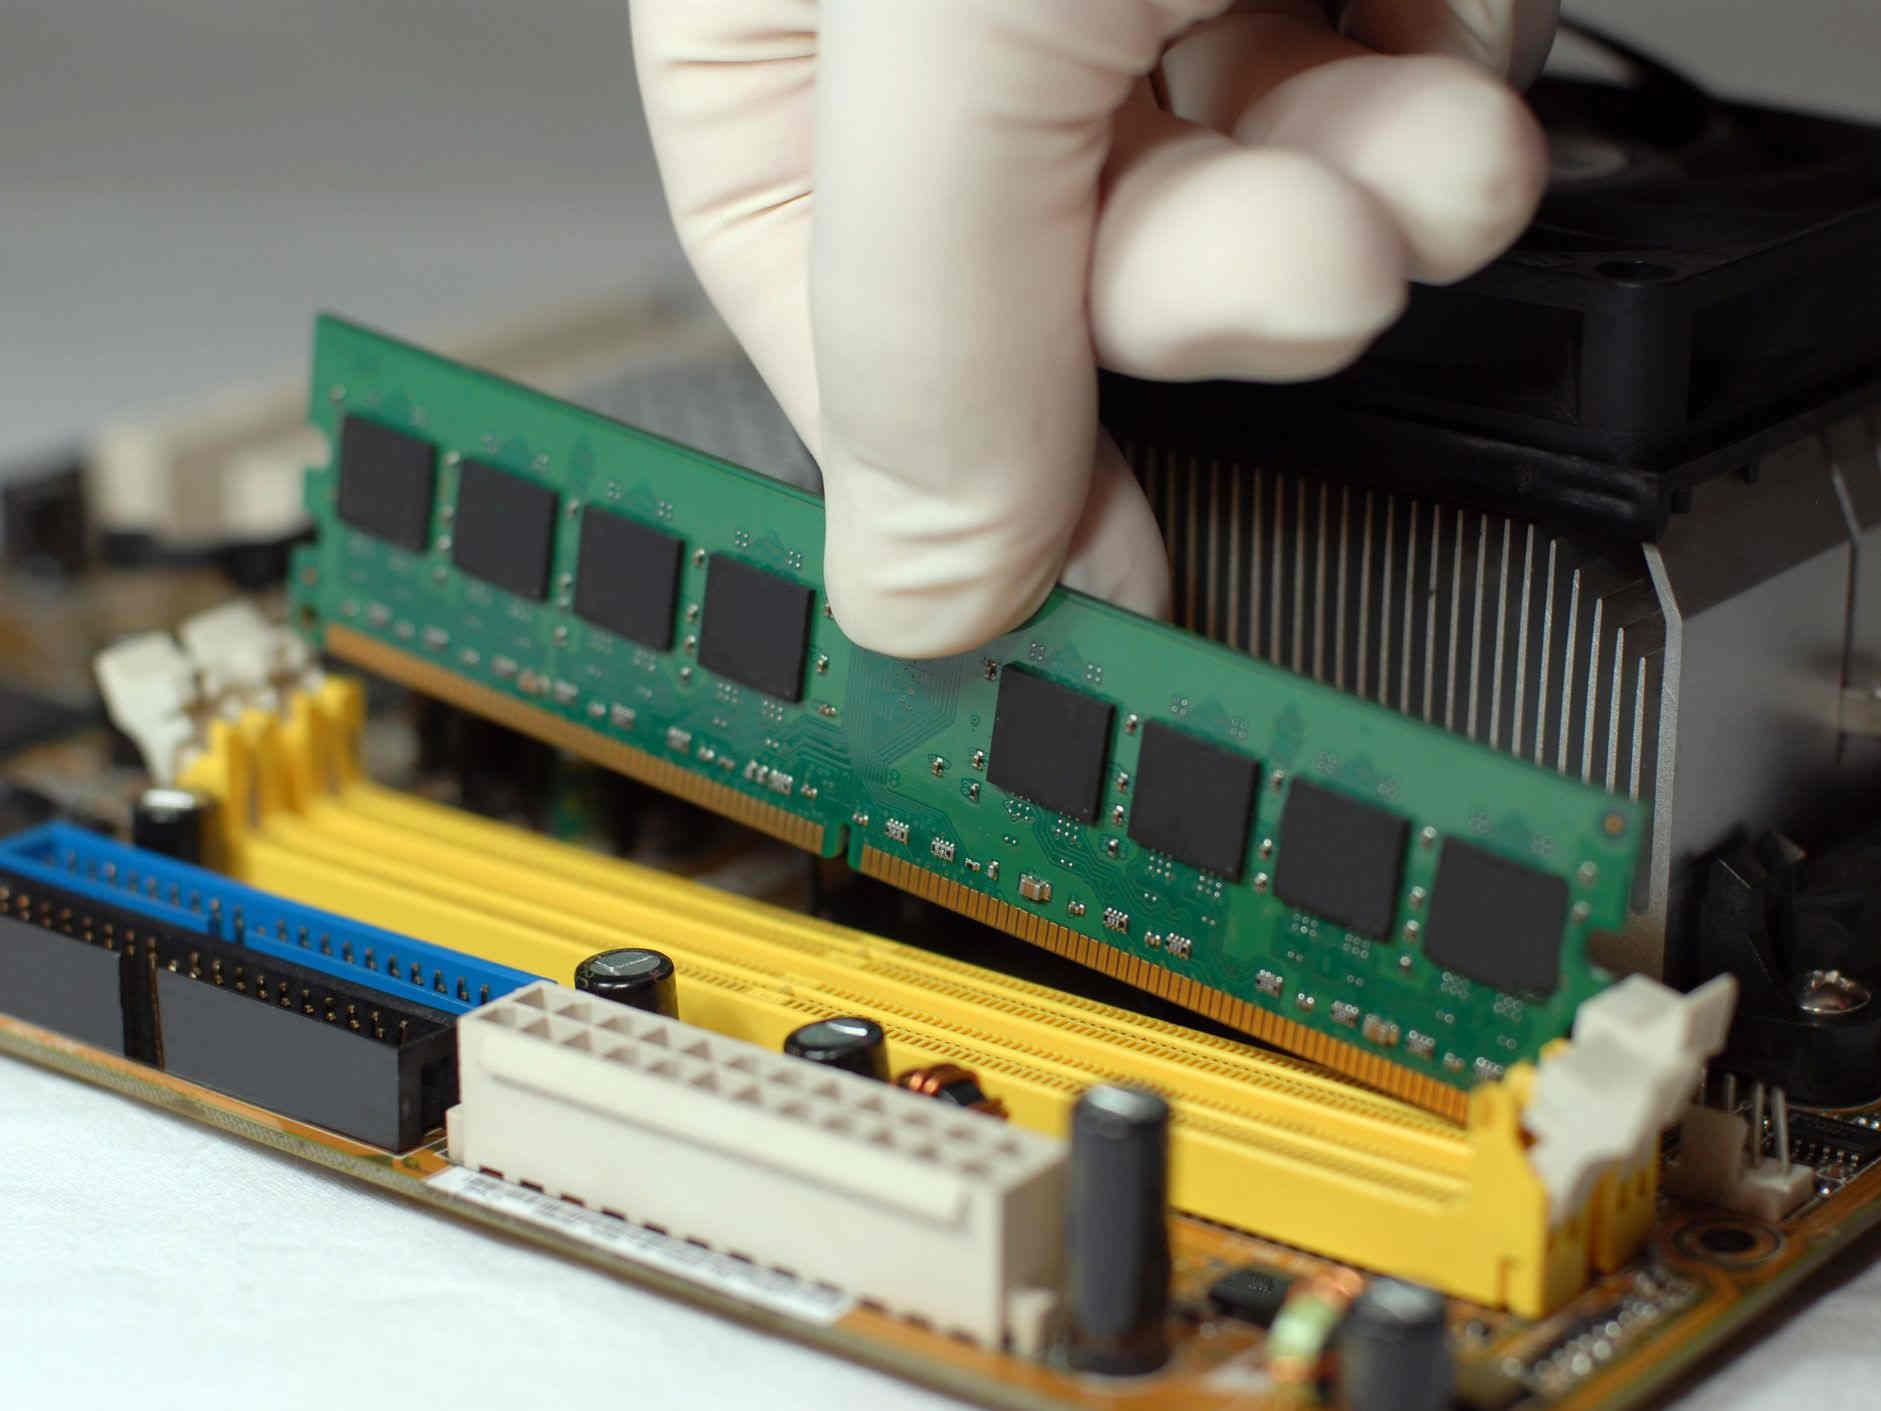 Trung Quốc lần đầu tự sản xuất được chip nhớ DRAM, liệu có thể cạnh tranh với Hàn Quốc?